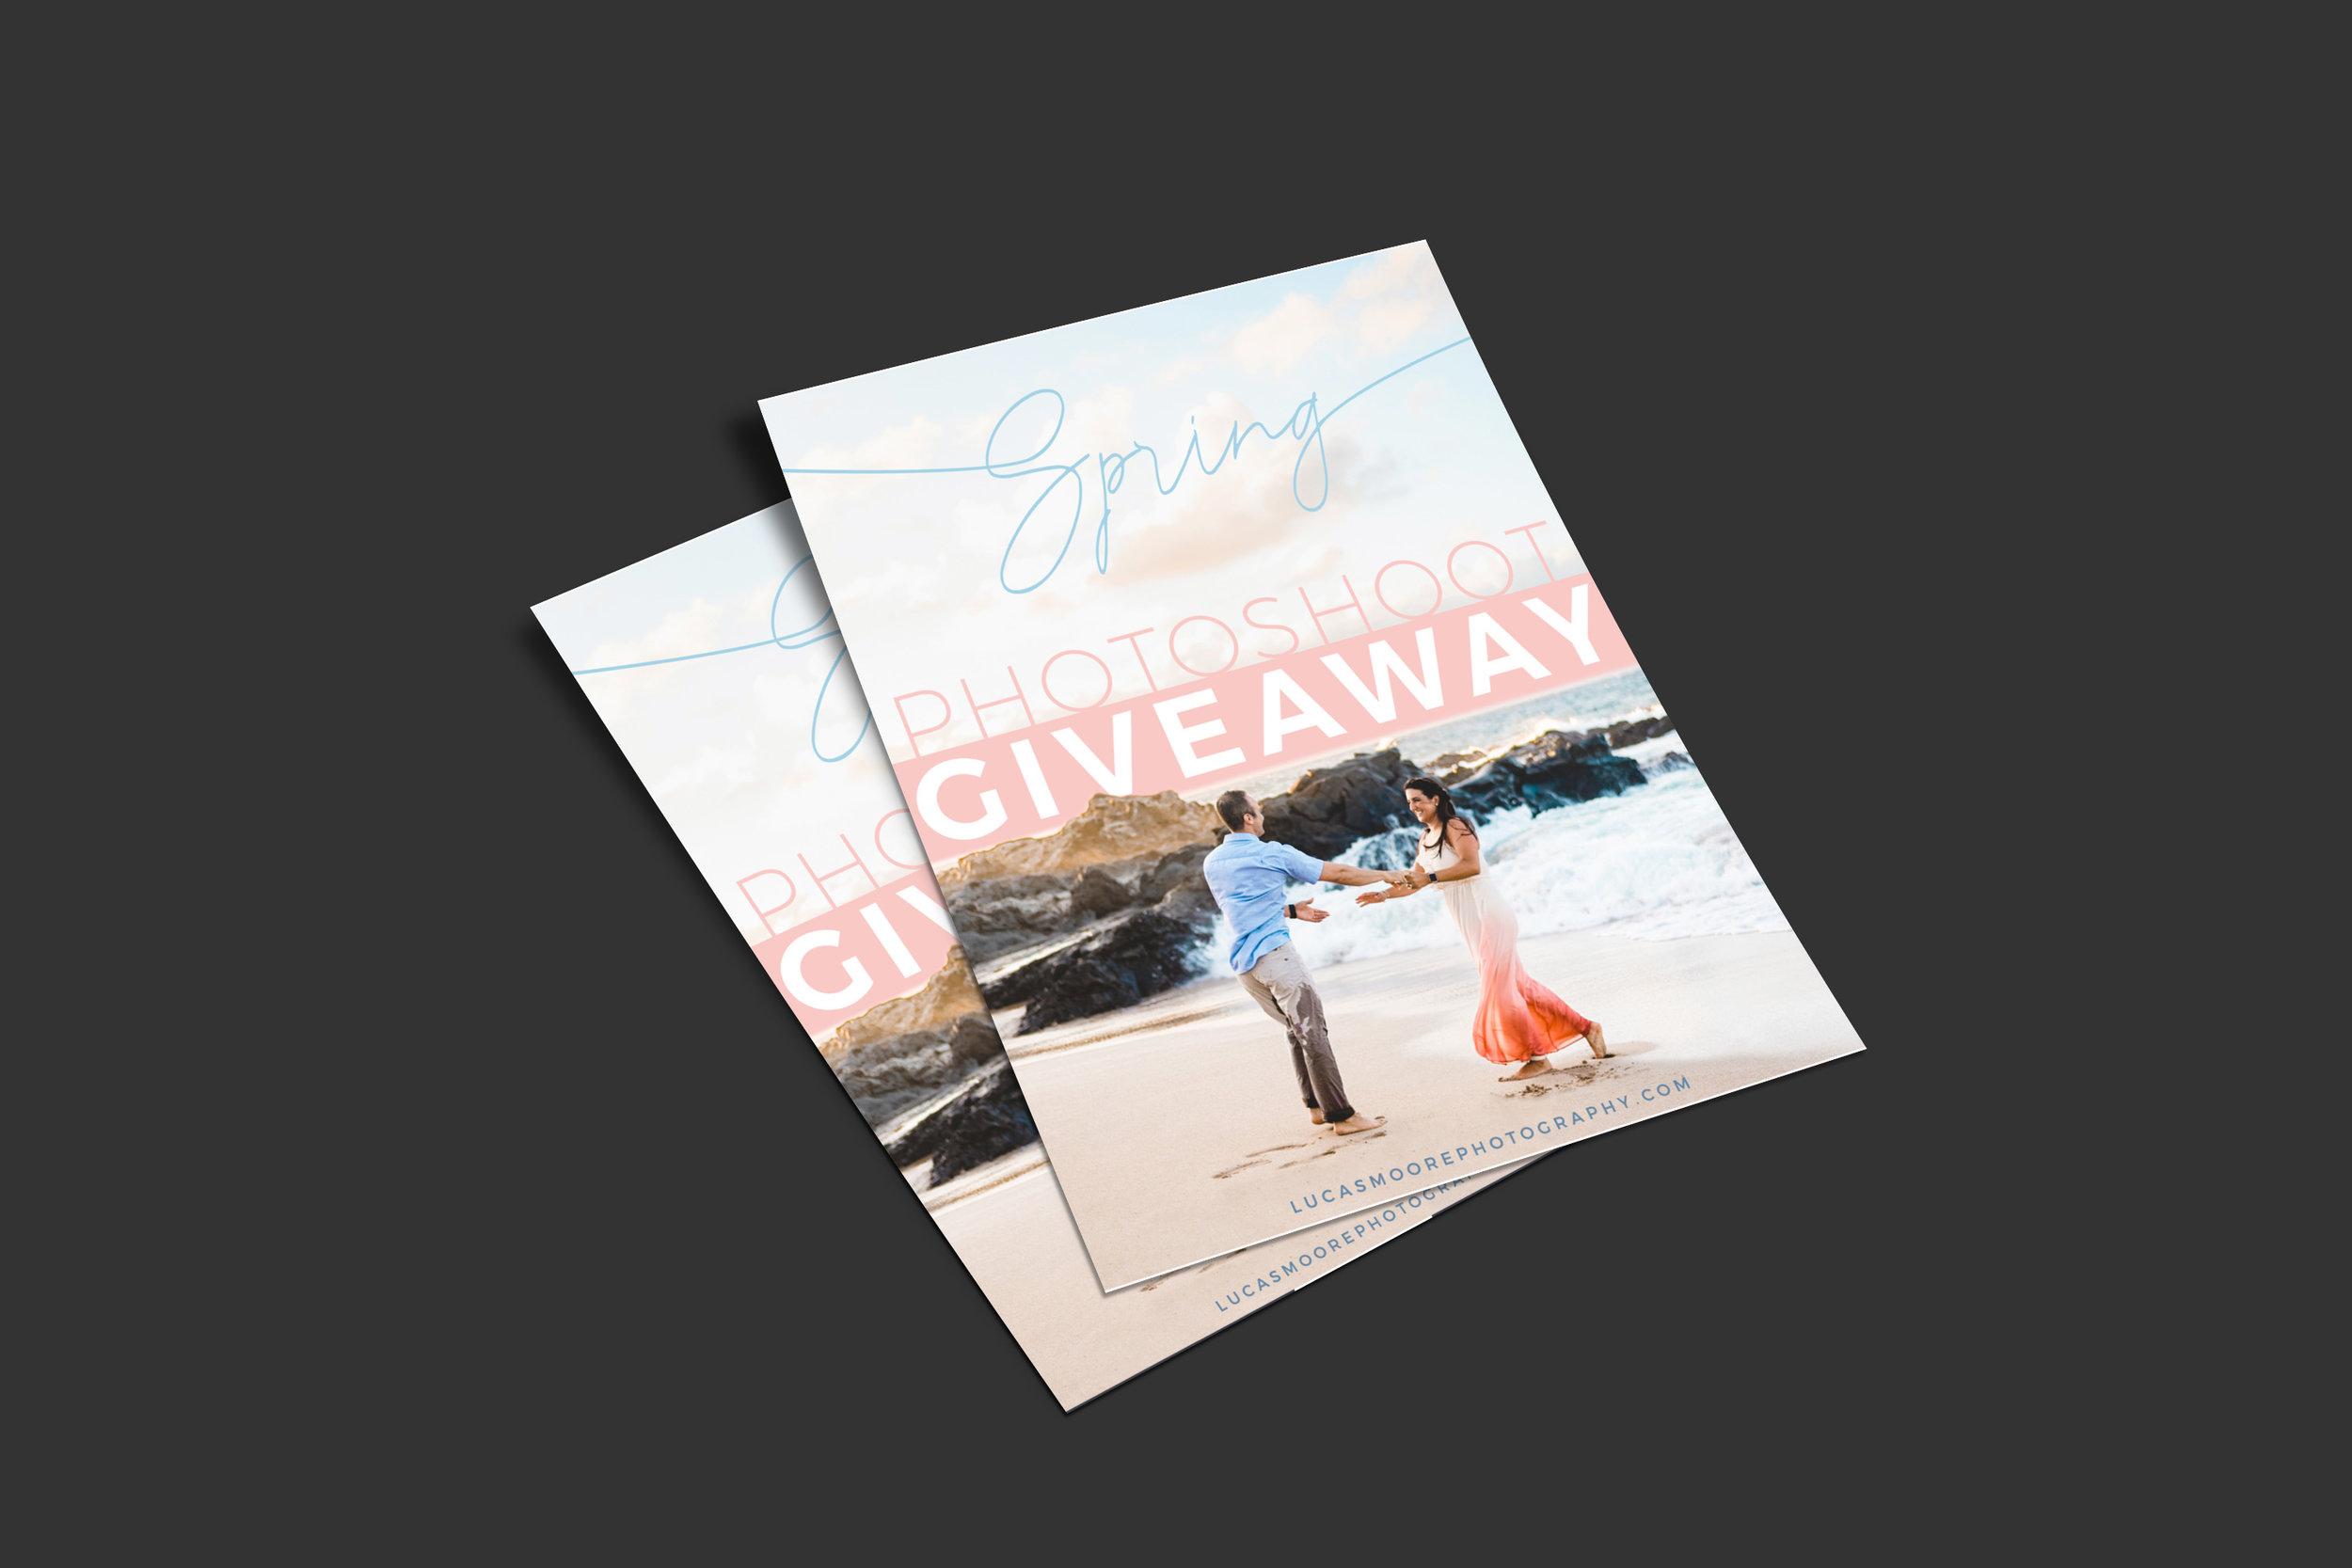 LMP giveaway flyer.jpg